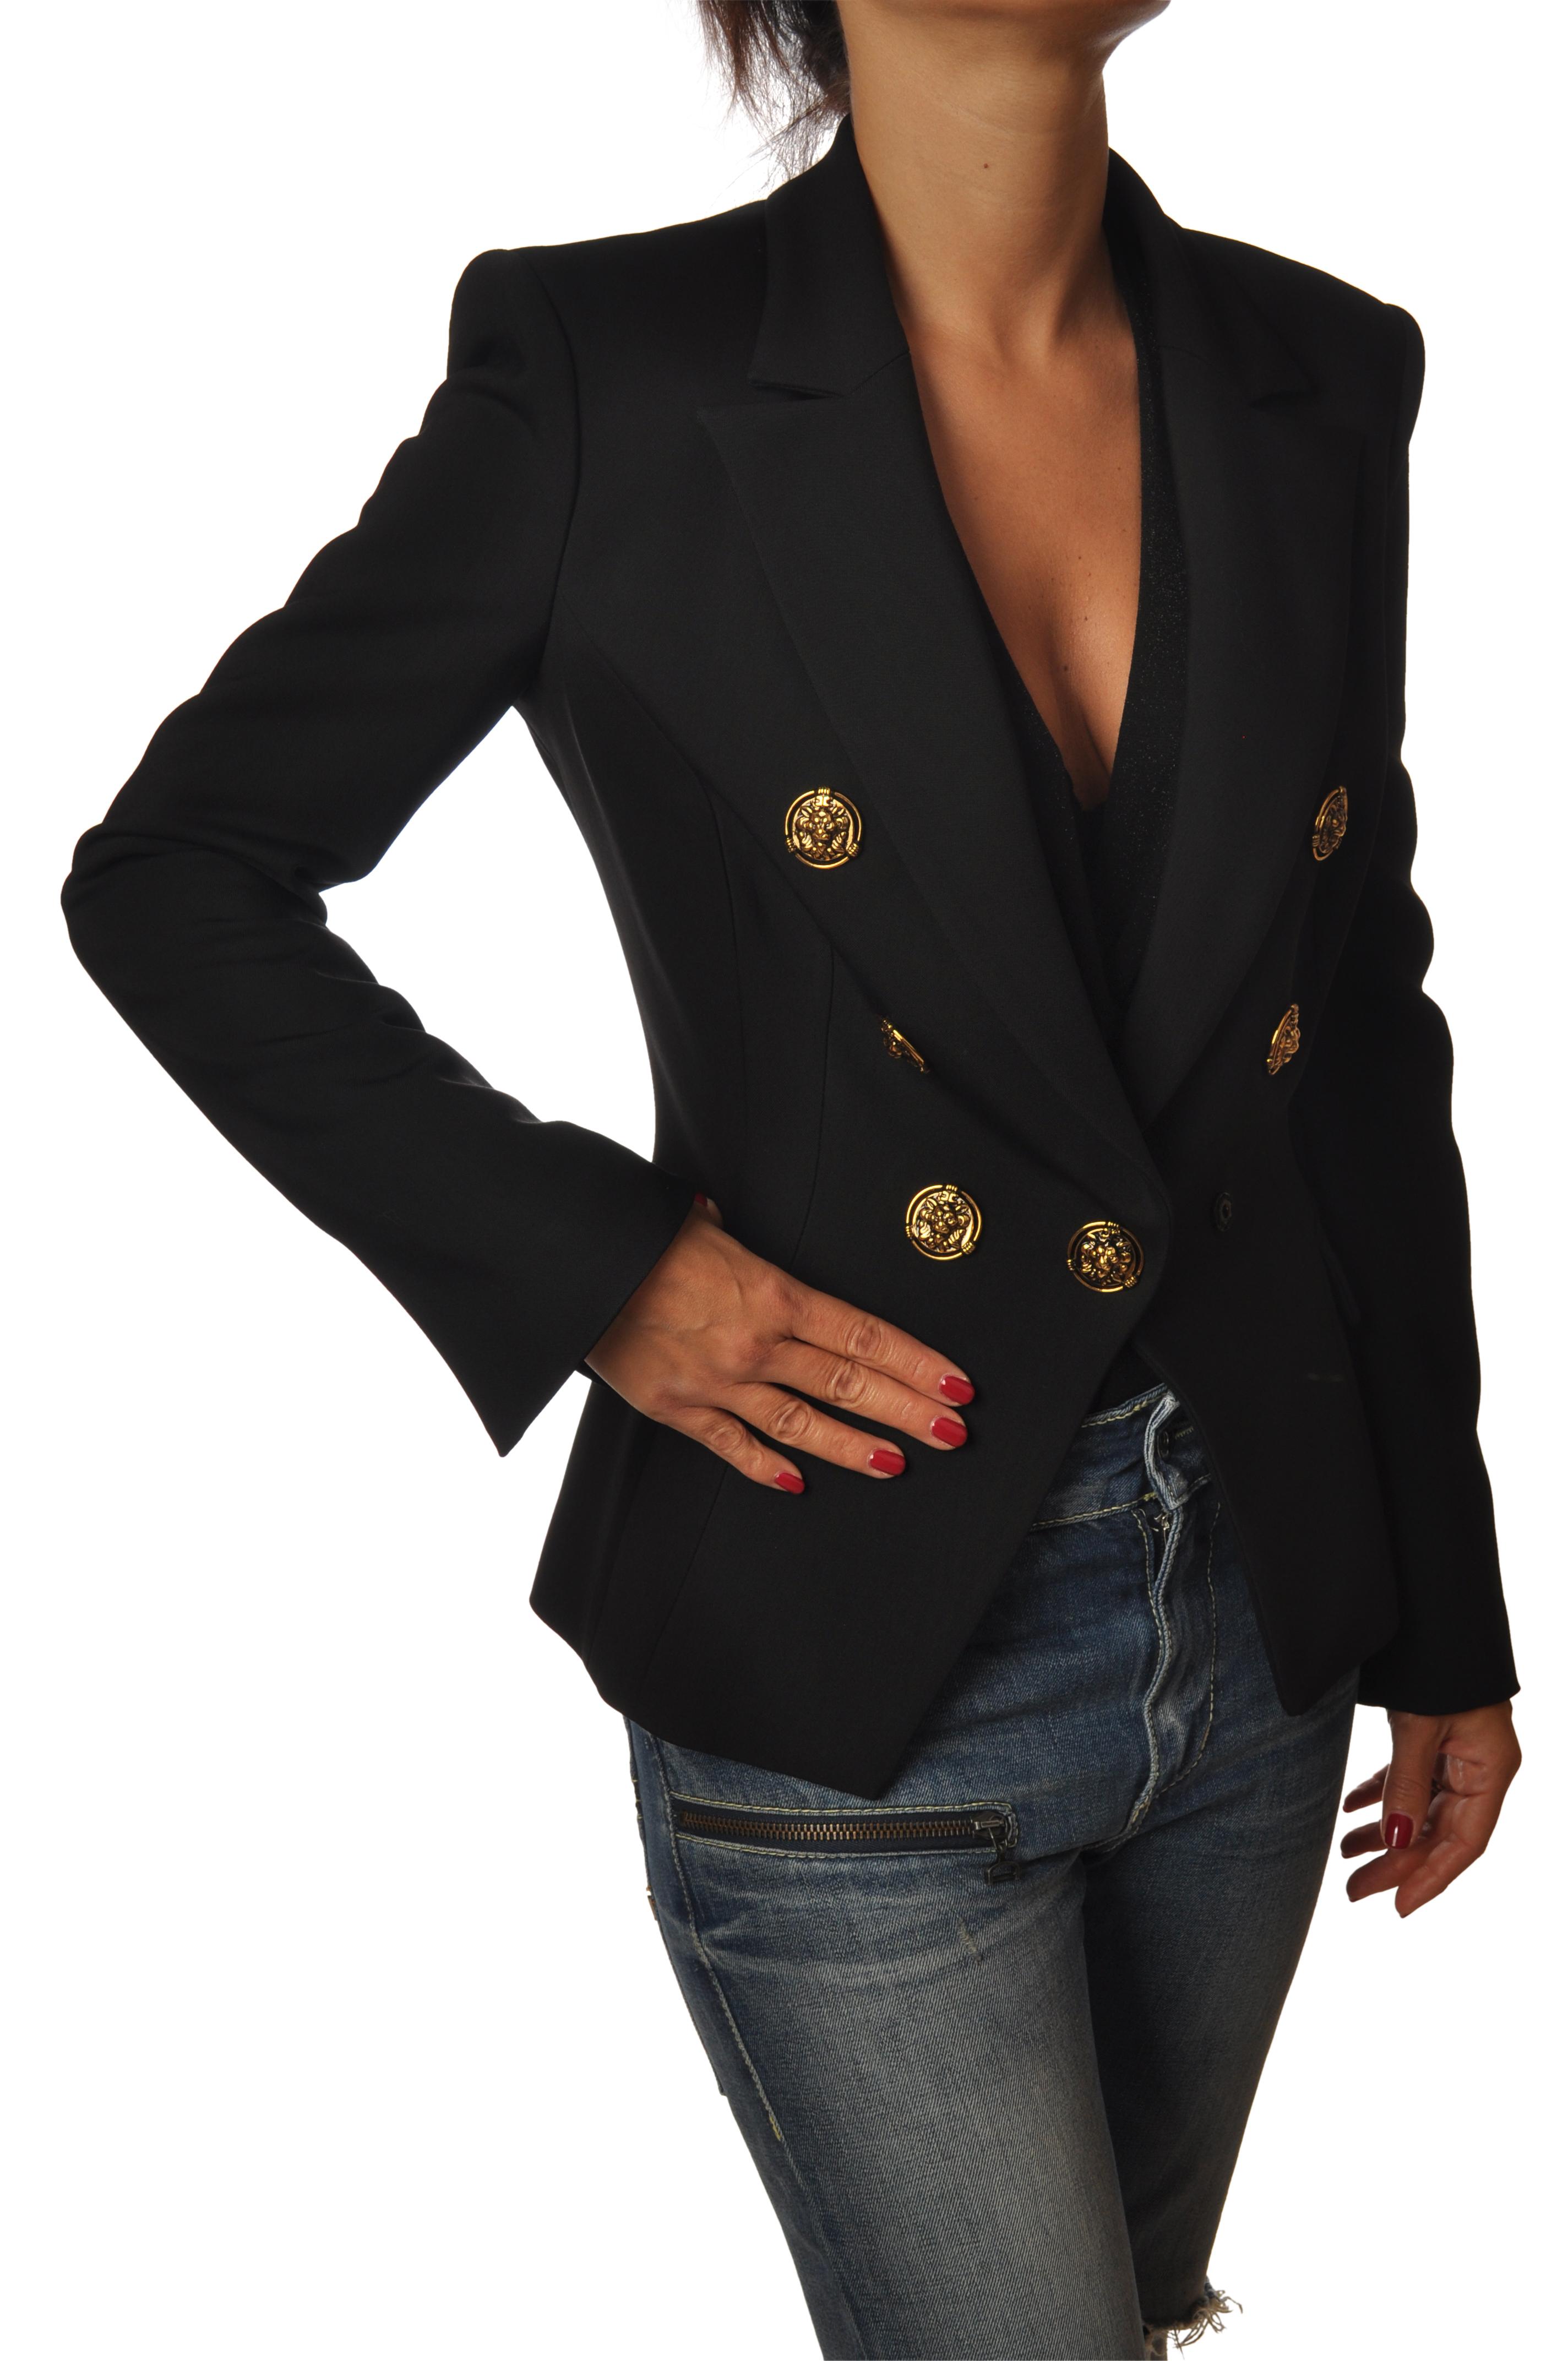 giacca doppio petto donna botoni gioiello